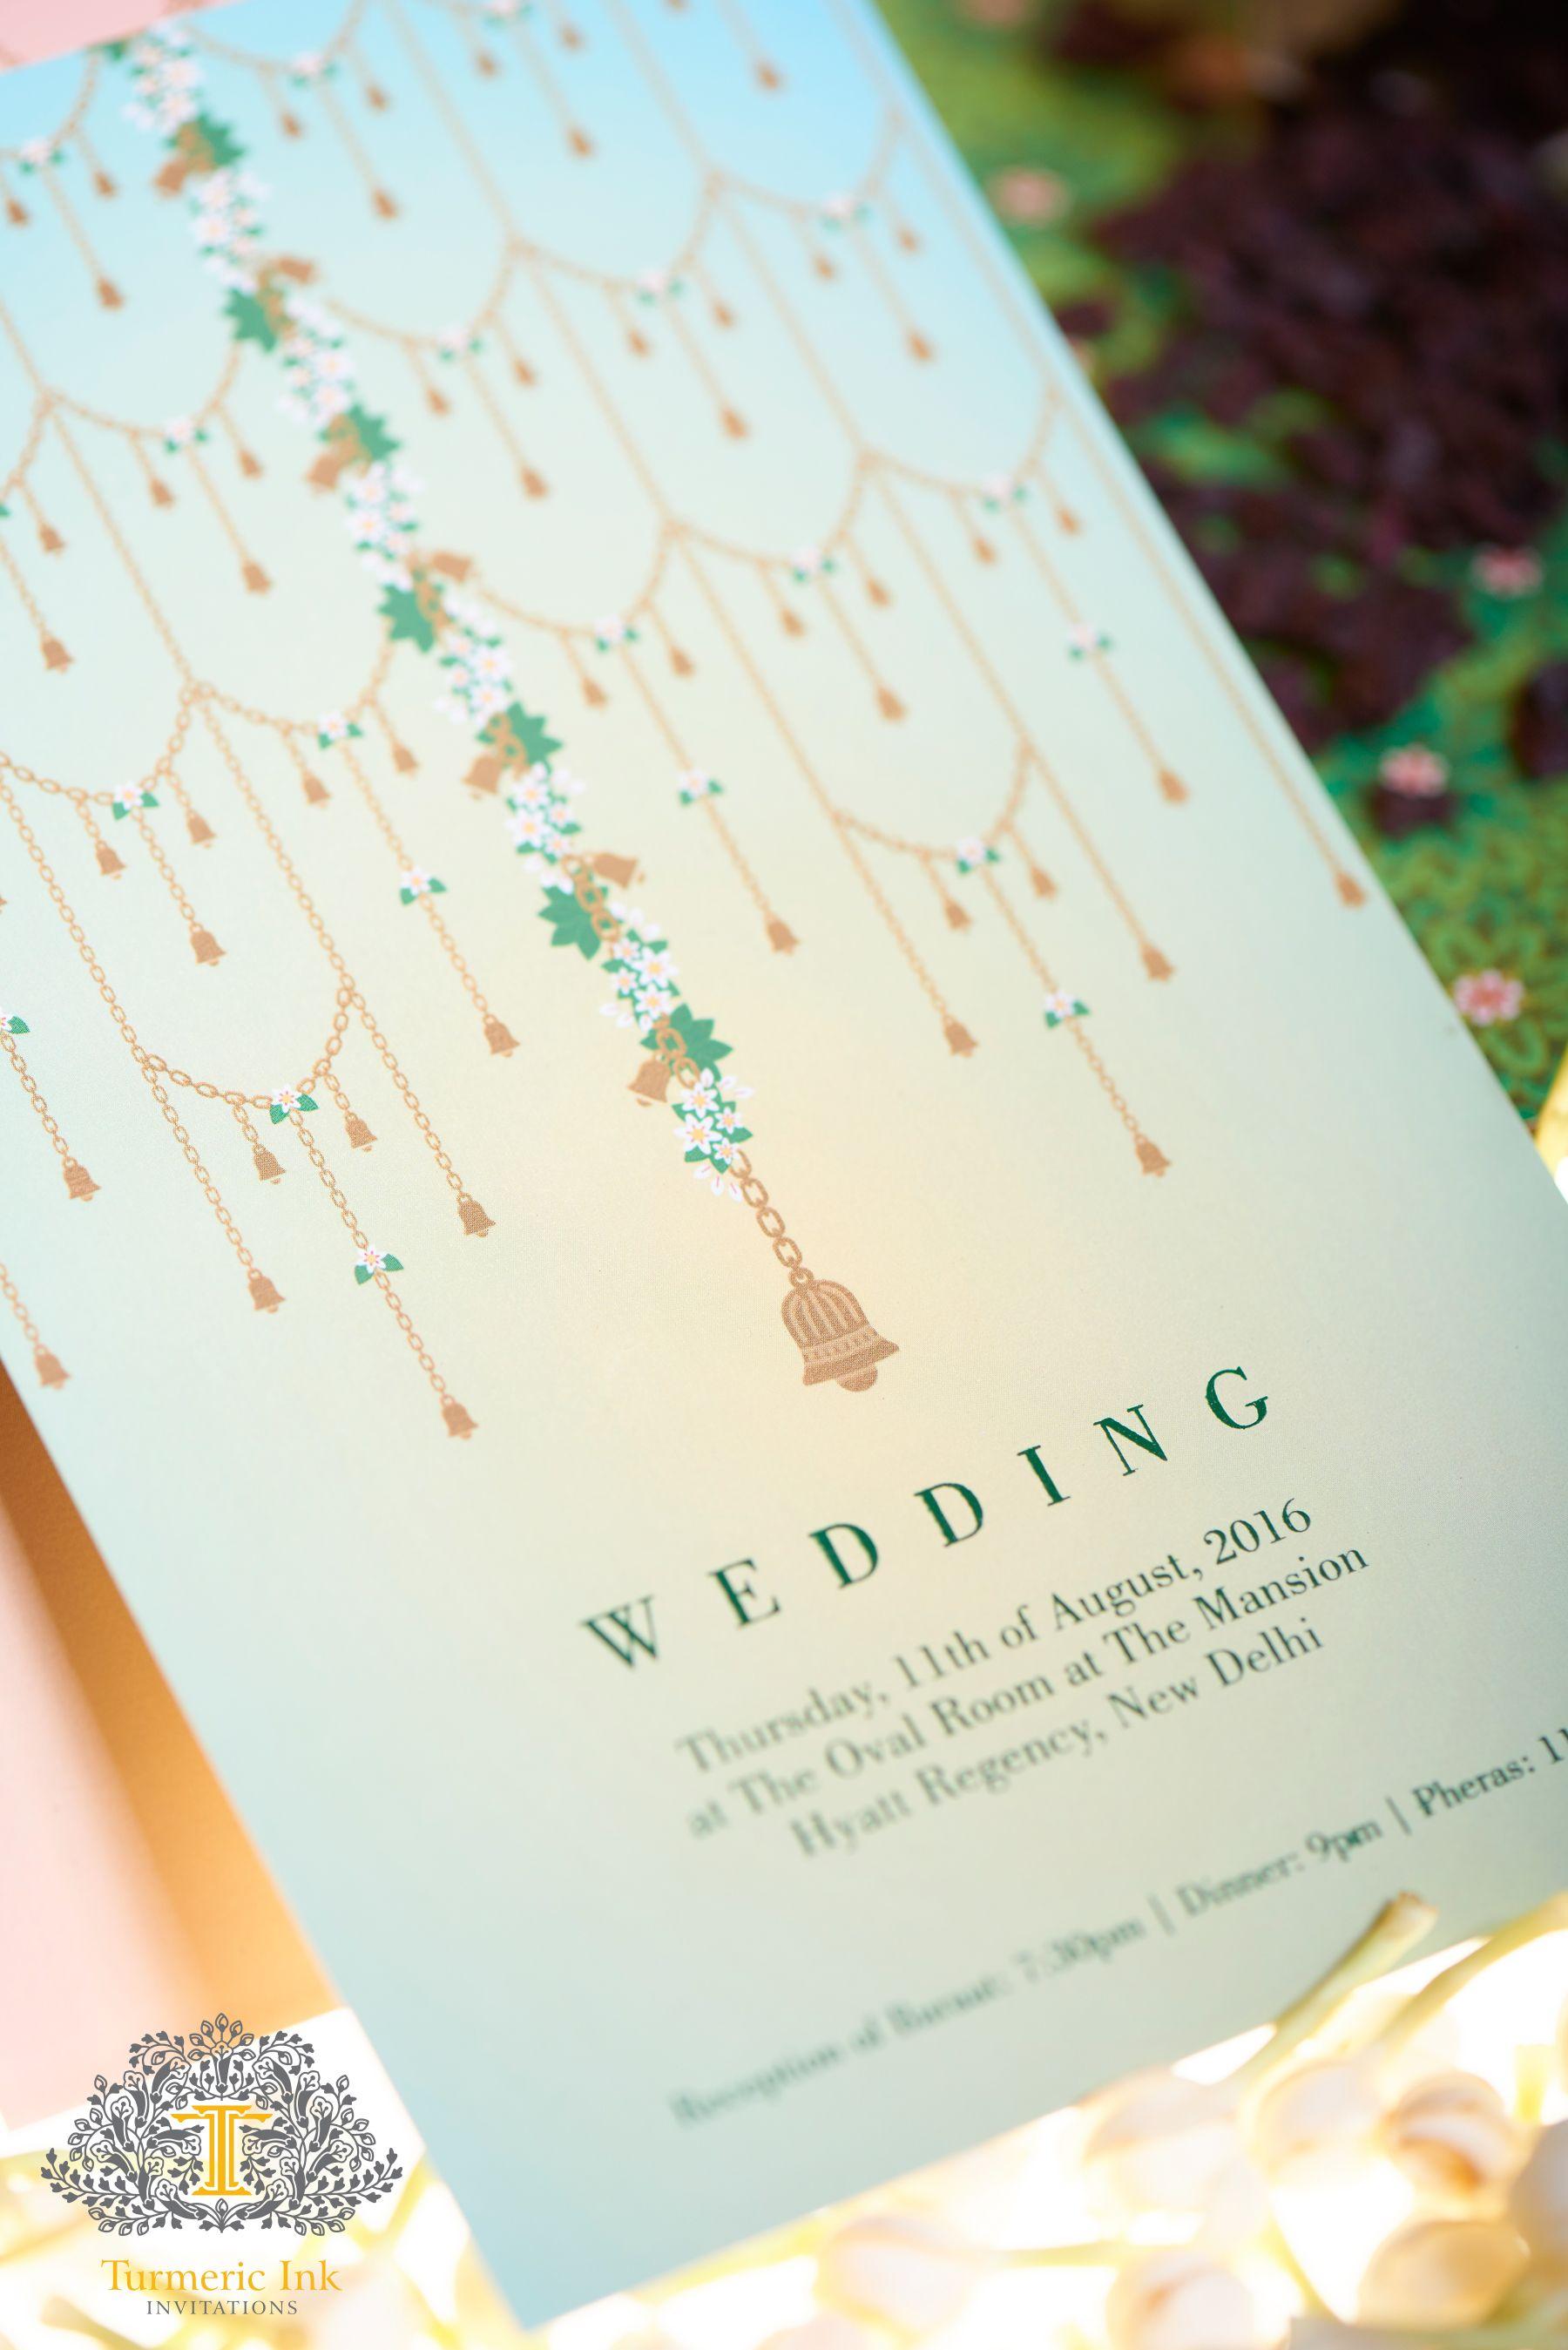 indian wedding invitation mumbai%0A Wedding Invitation cards  Indian wedding cards  invites  Wedding  Stationery  Customized invitations  Custom Invites  Stationery  Designer  cards  Go u